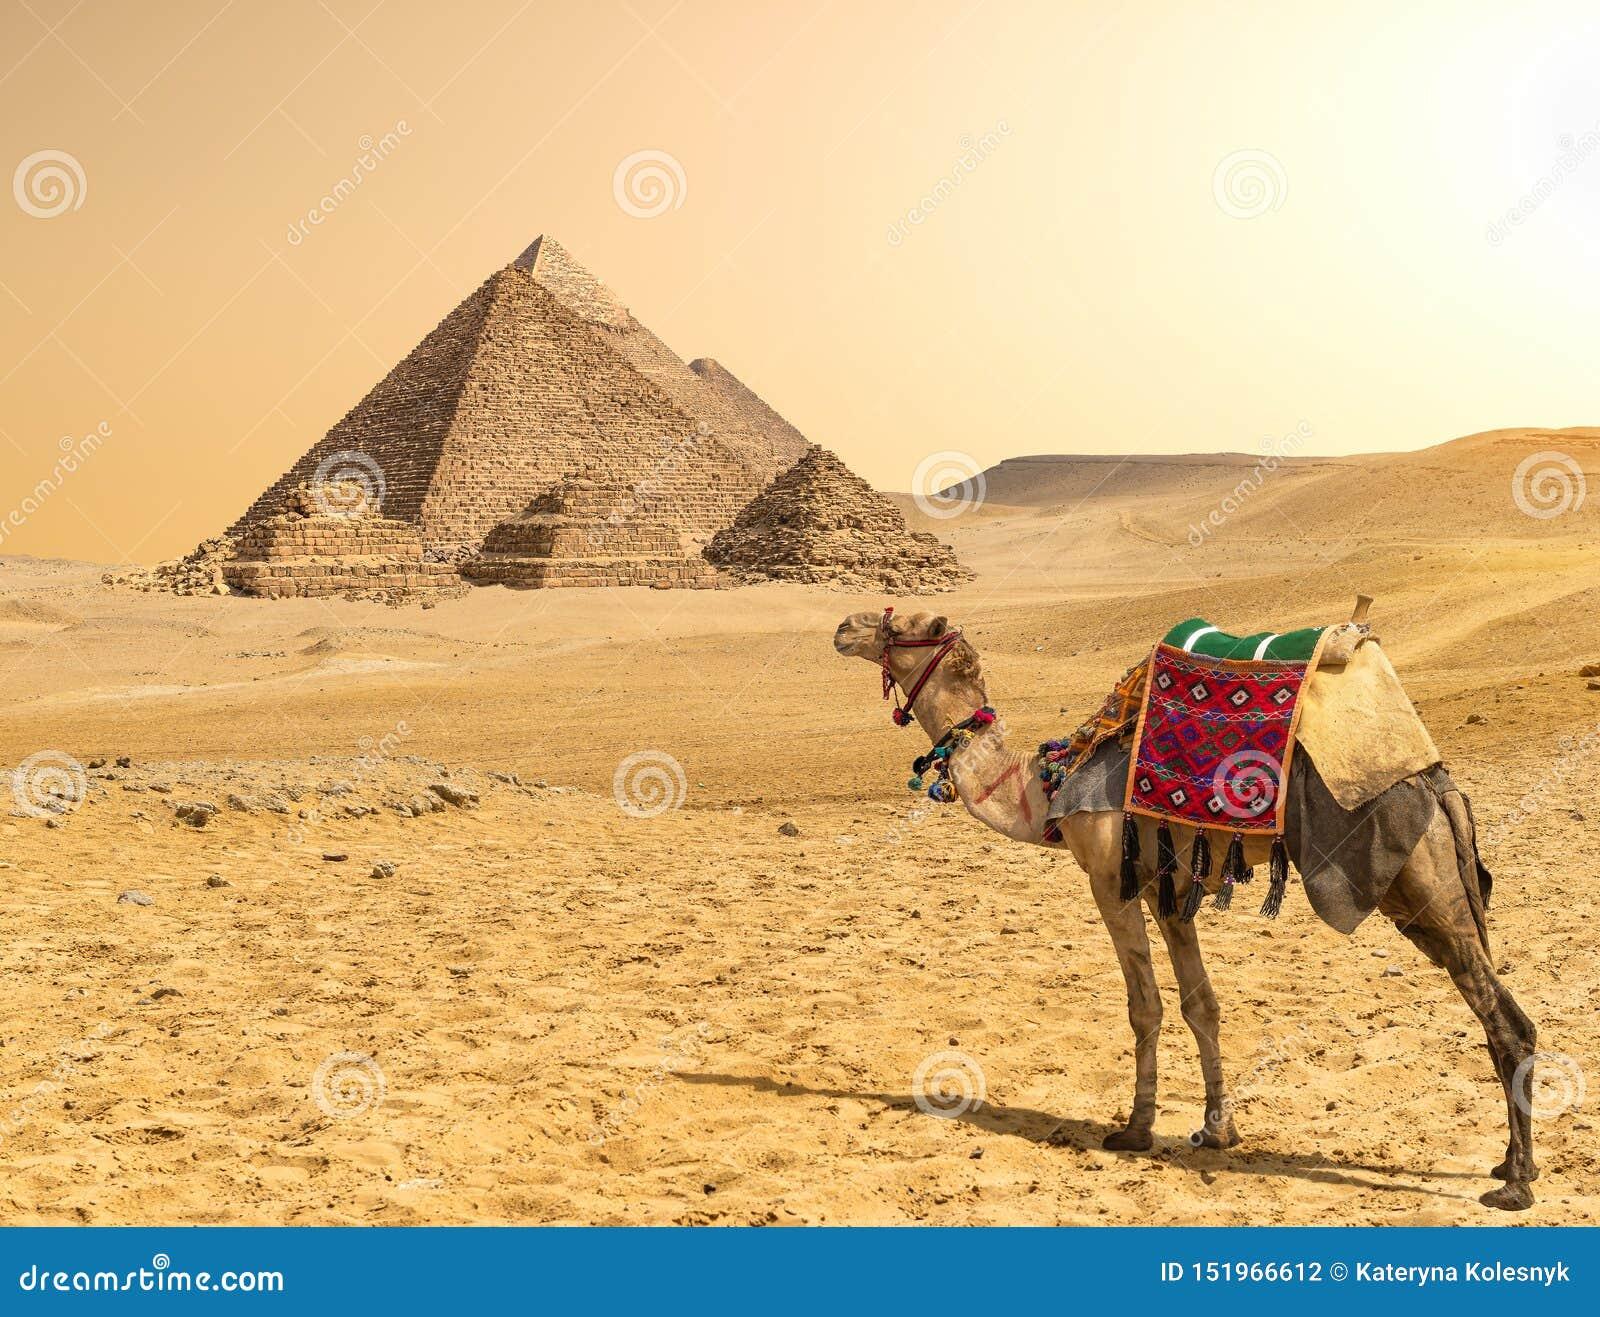 Camello y pirámides en fila